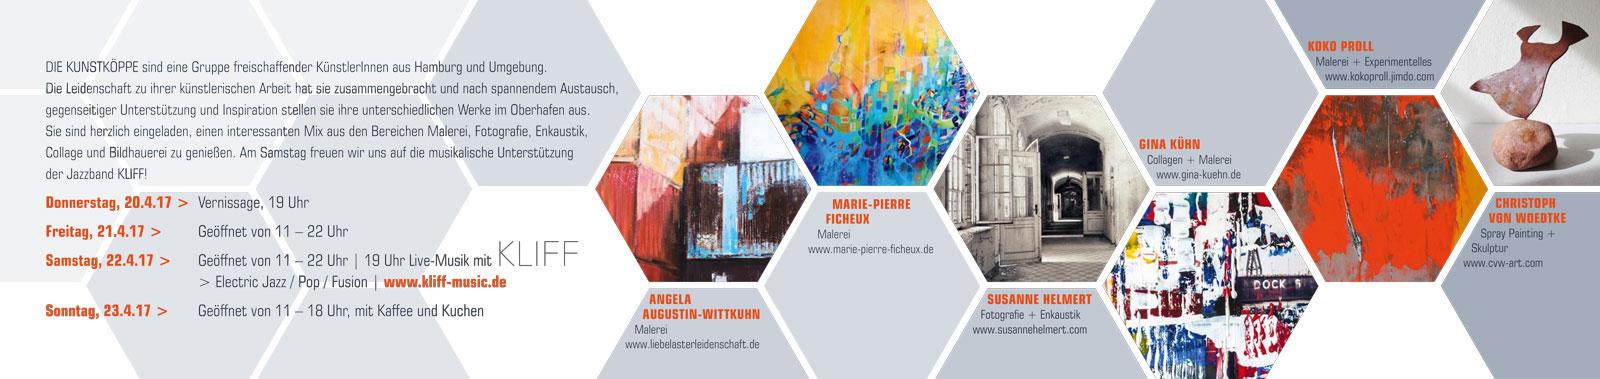 Die Kunstkoeppe-Ausstellung 2017 mit marie-Pierre Ficheux